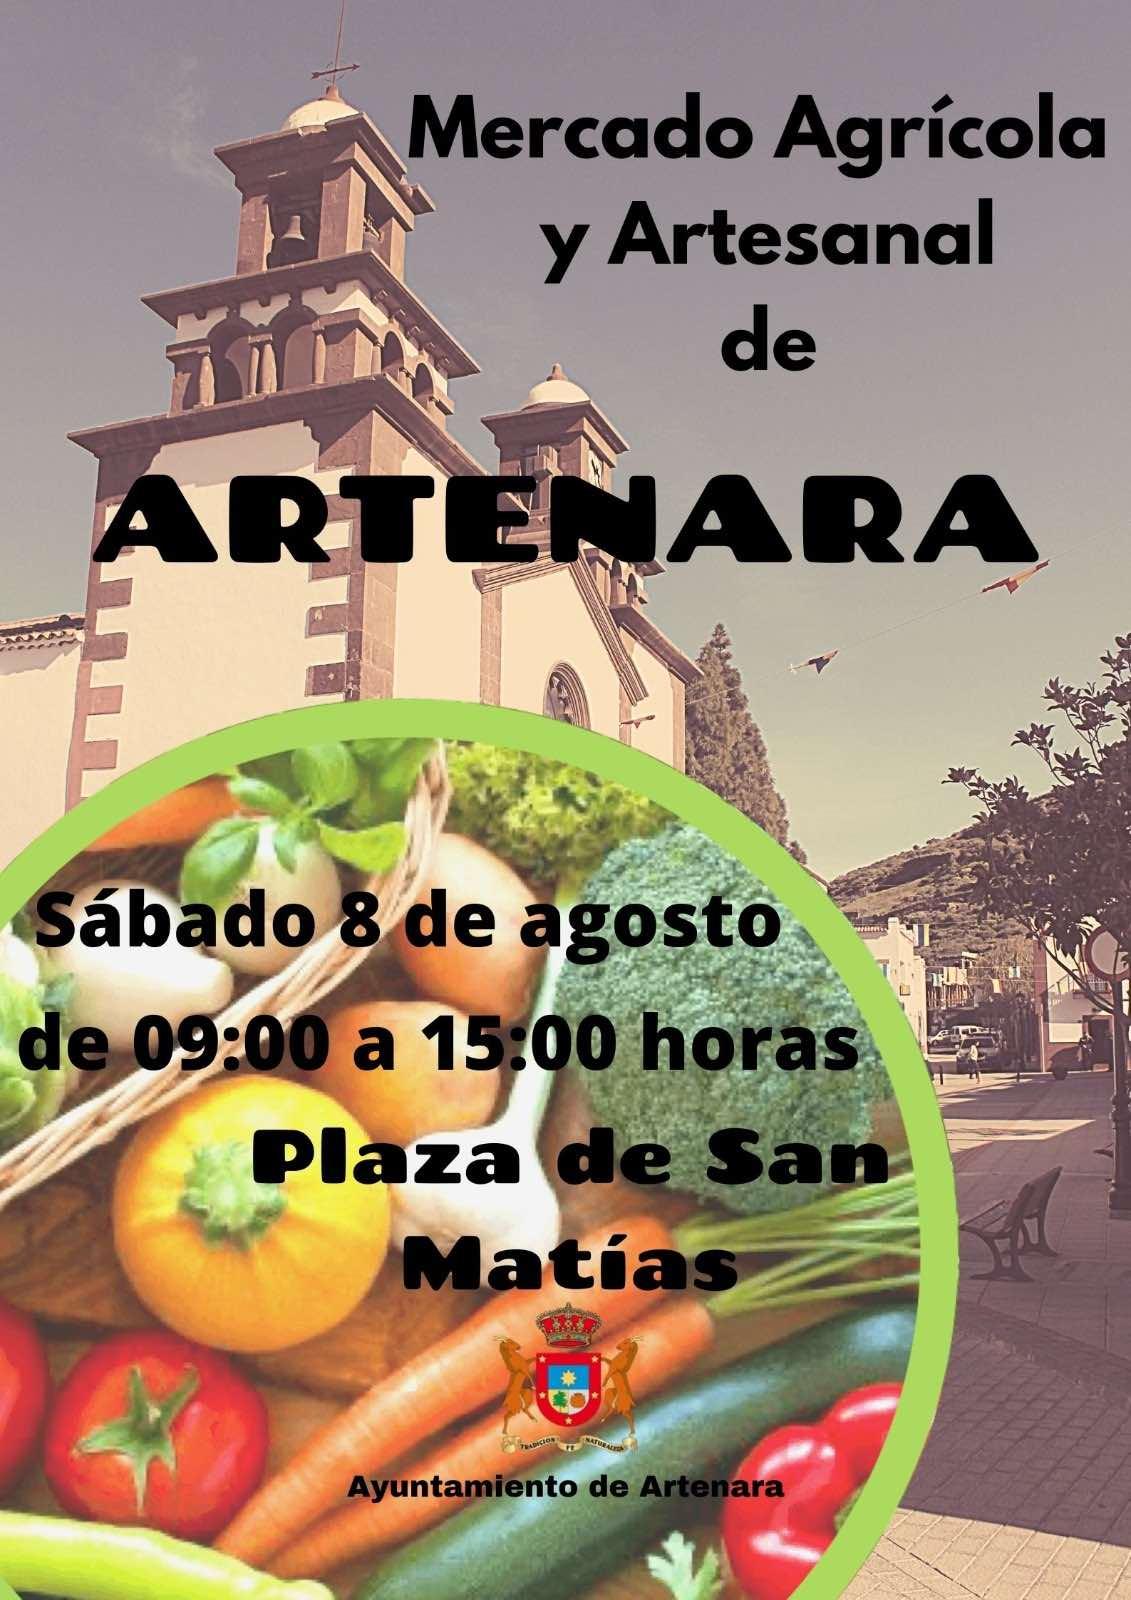 Nueva edición del mercado agrícola y ganadero de Artenara